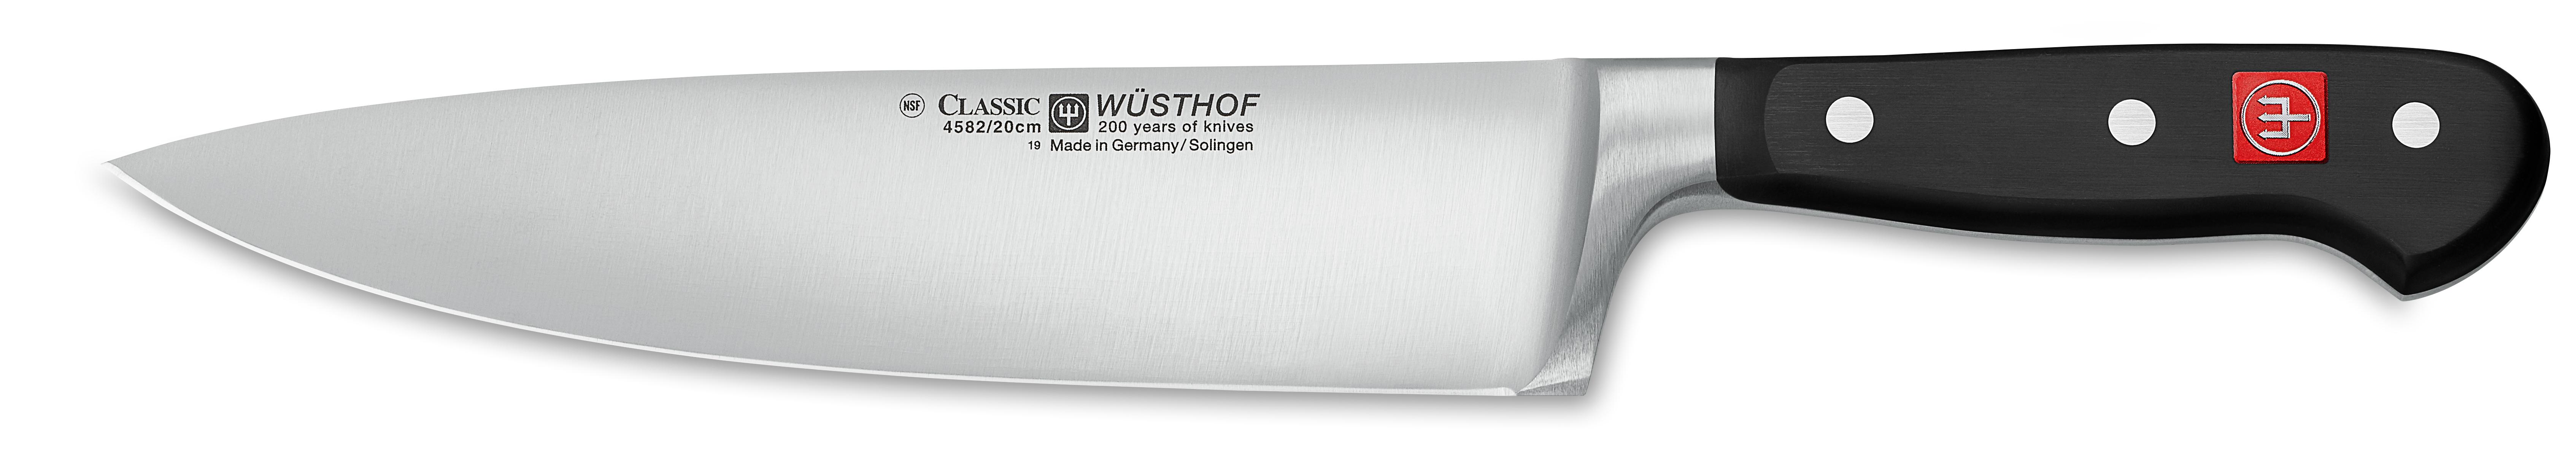 Wüsthof Kochmesser 4582